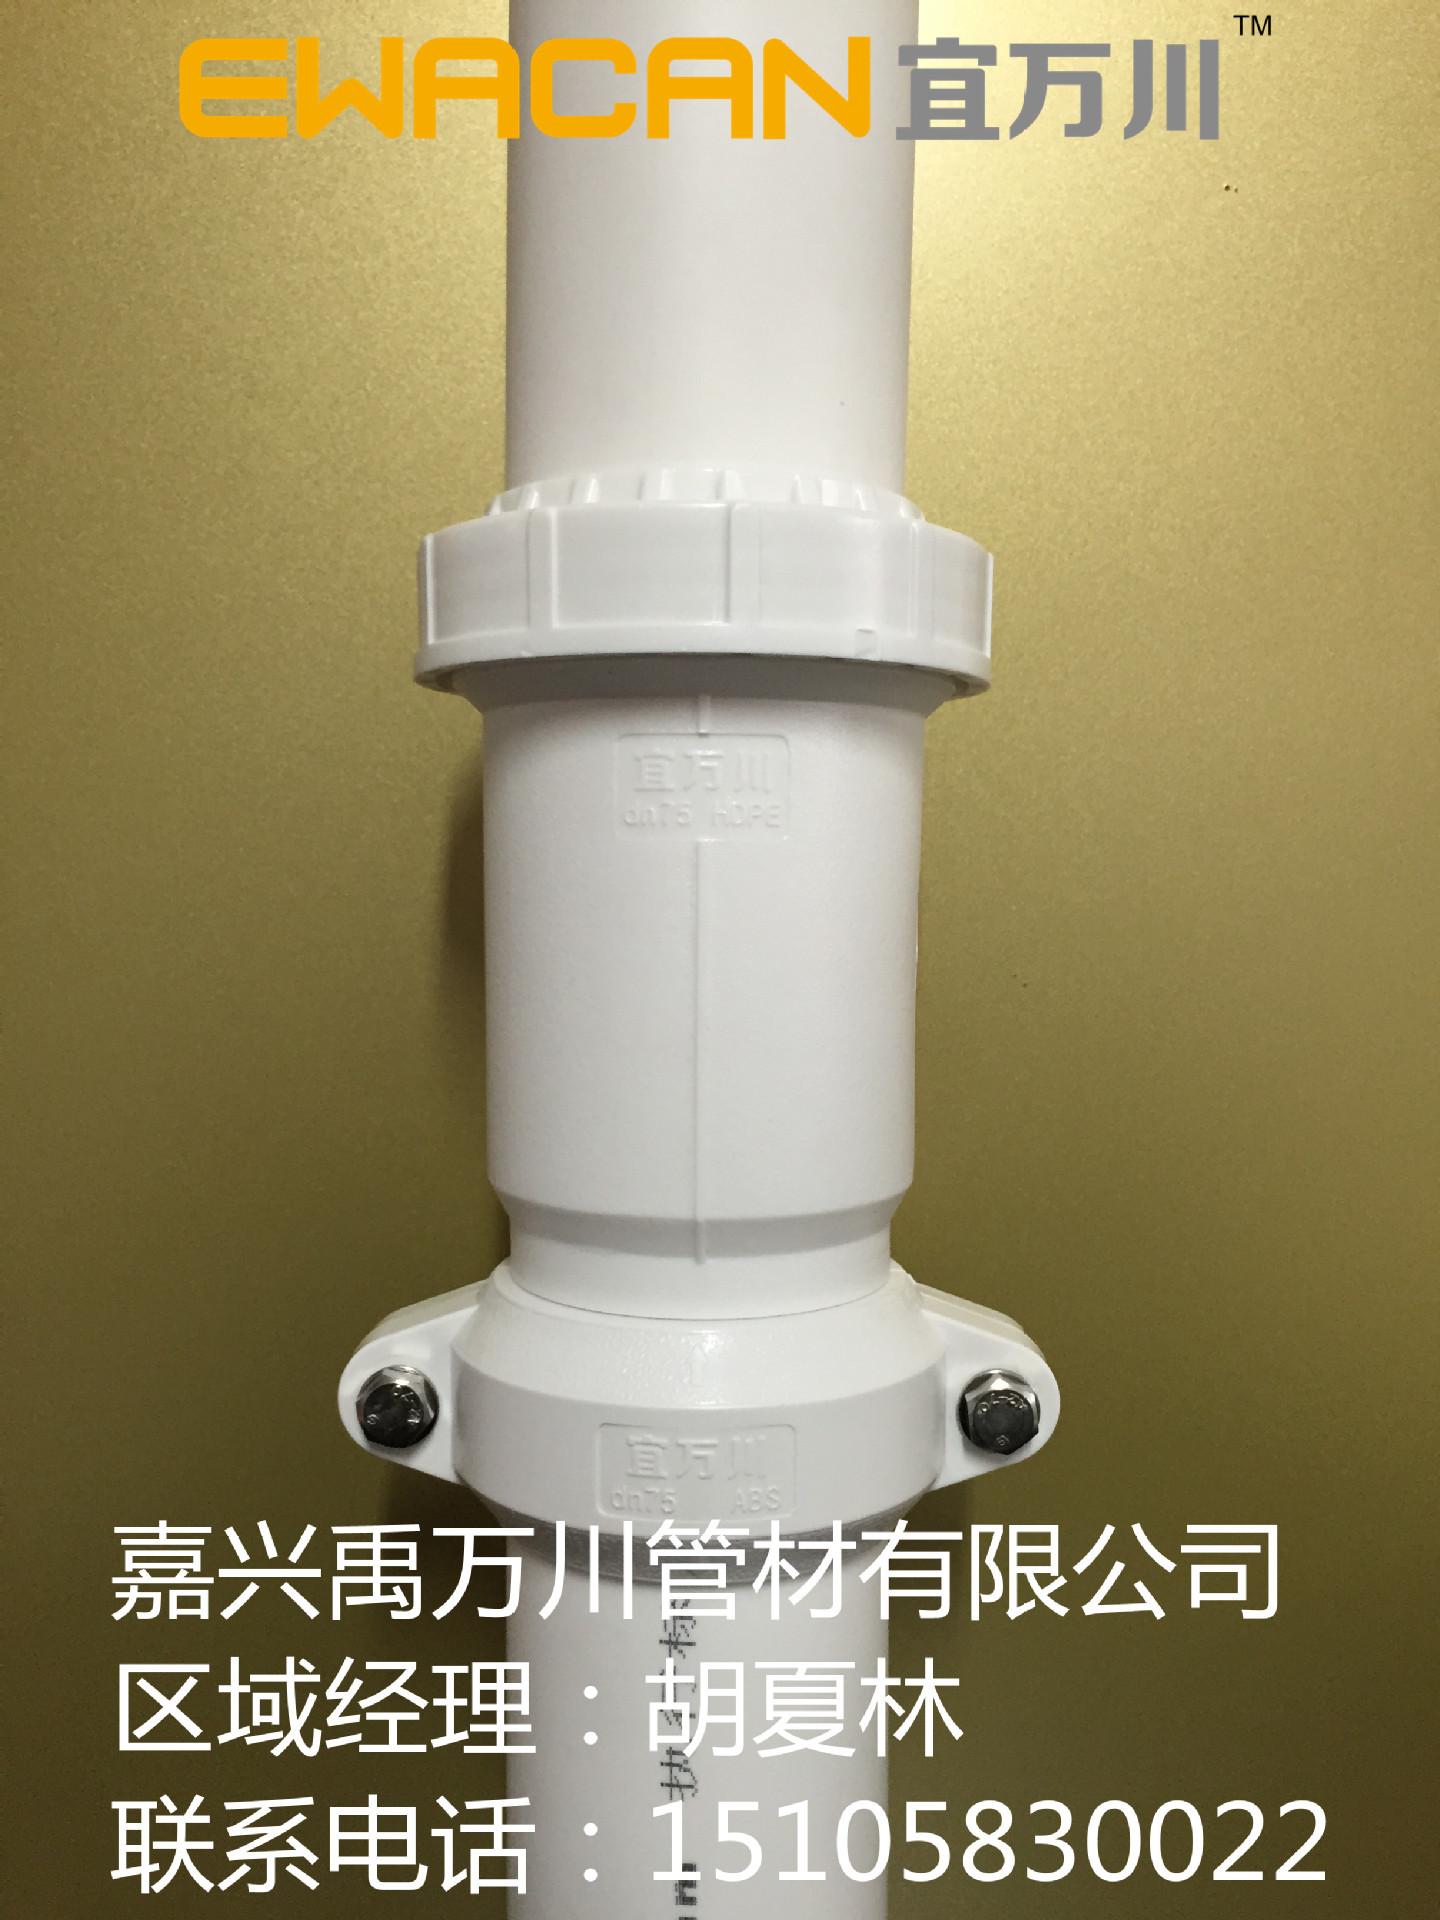 沟槽式HDPE超静音排水管,沟槽式伸缩节,HDPE沟槽管,宜万川PE管示例图7